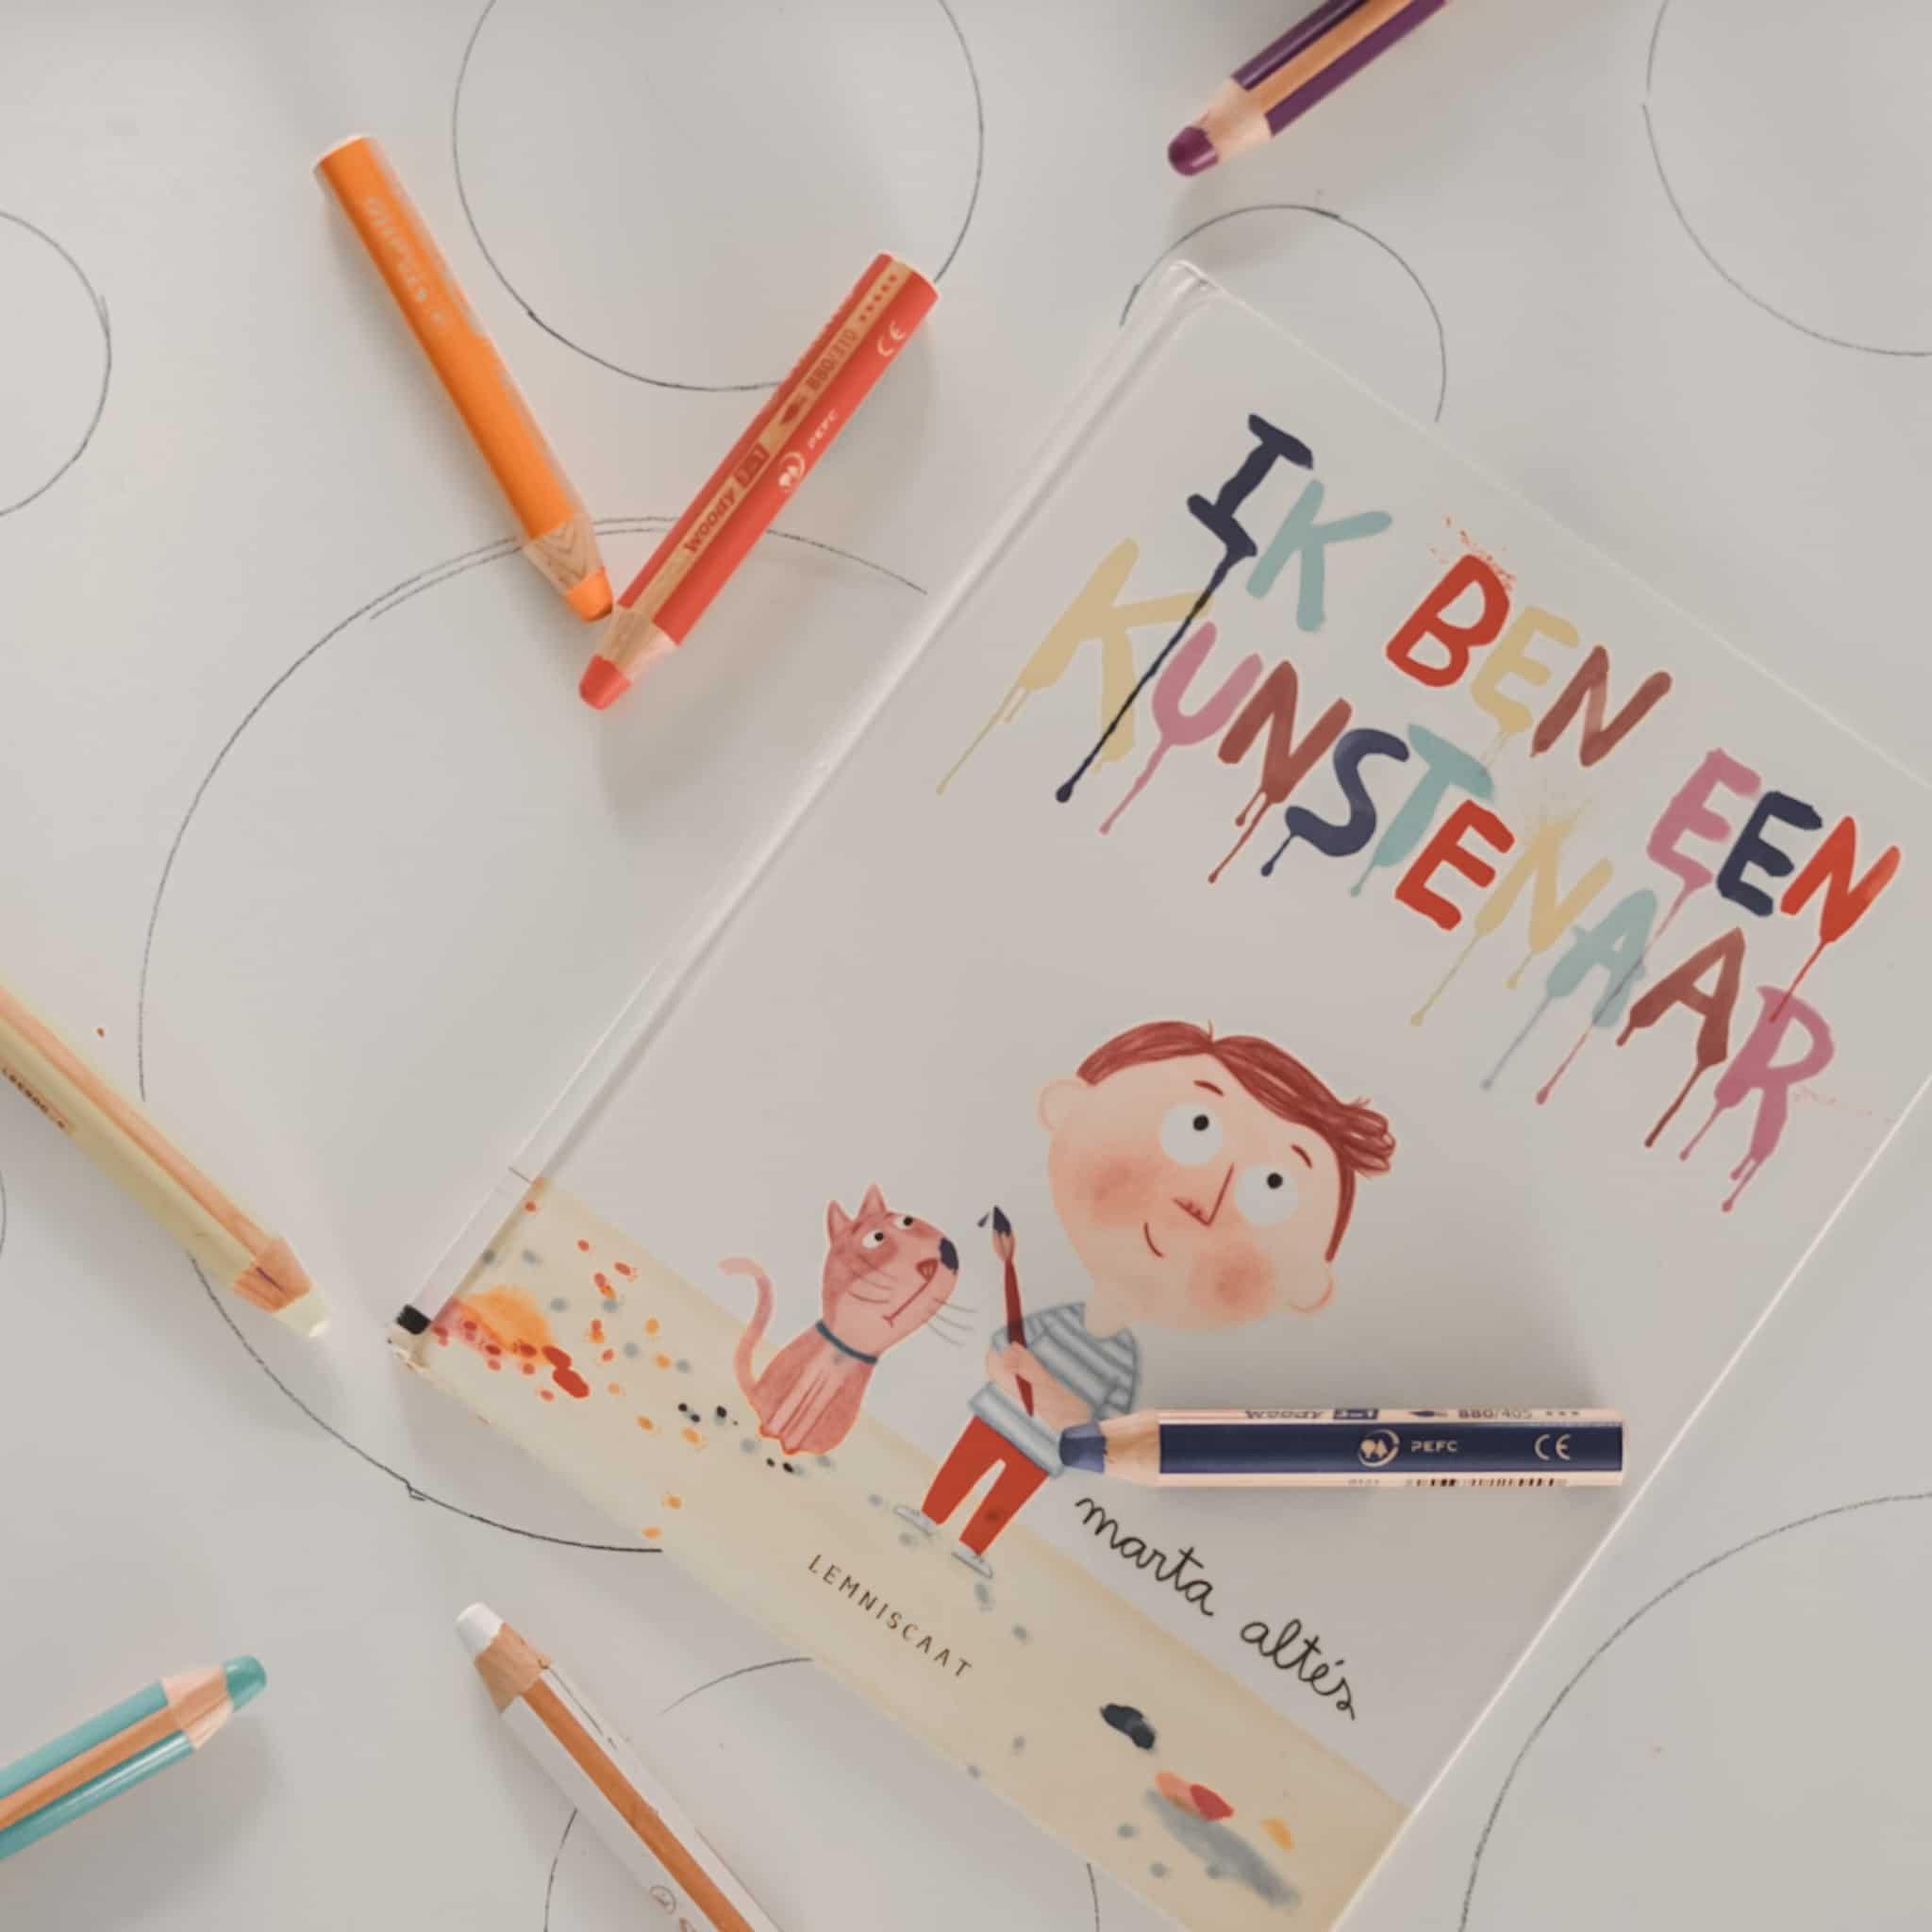 Review: Stabilo Woody potloden &  Ik ben een kunstenaar – Marta Altés